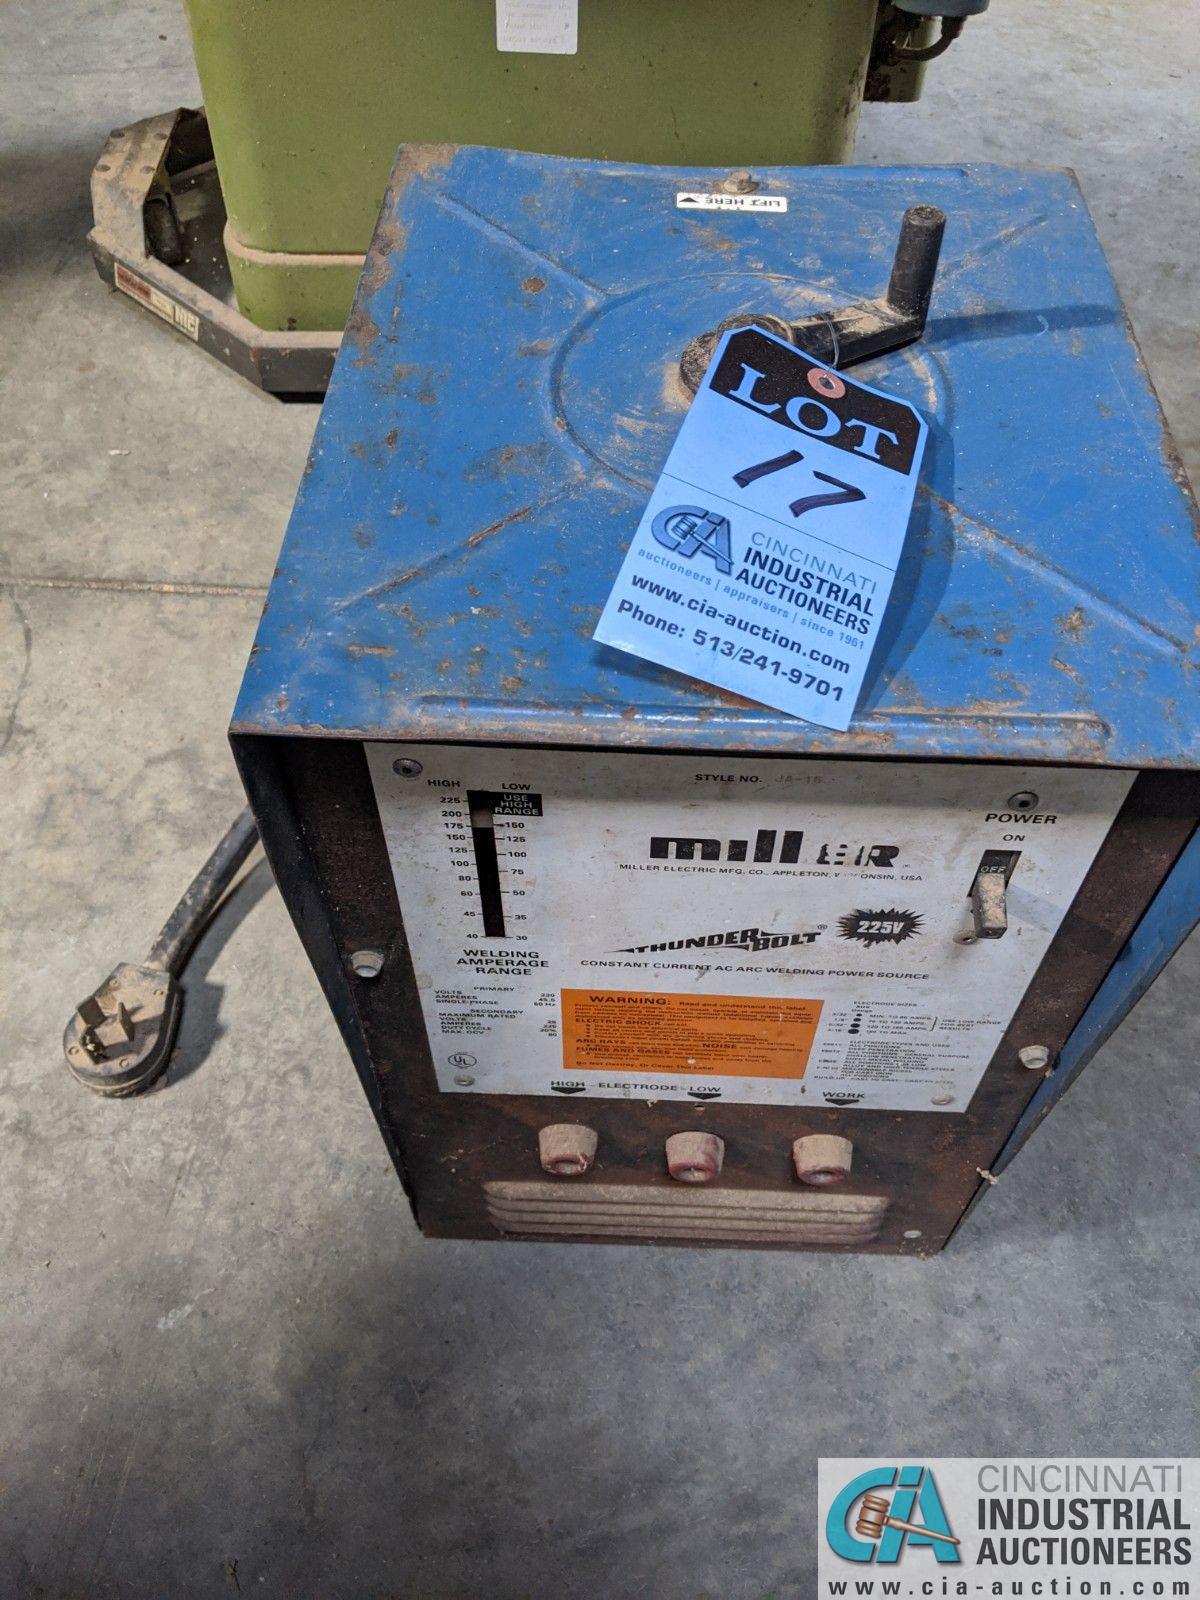 45 AMP MILLER THUNDERBOLT WELD POWER SOURCE (8635 East Ave., Mentor, OH 44060 - John Magnasum: 440-